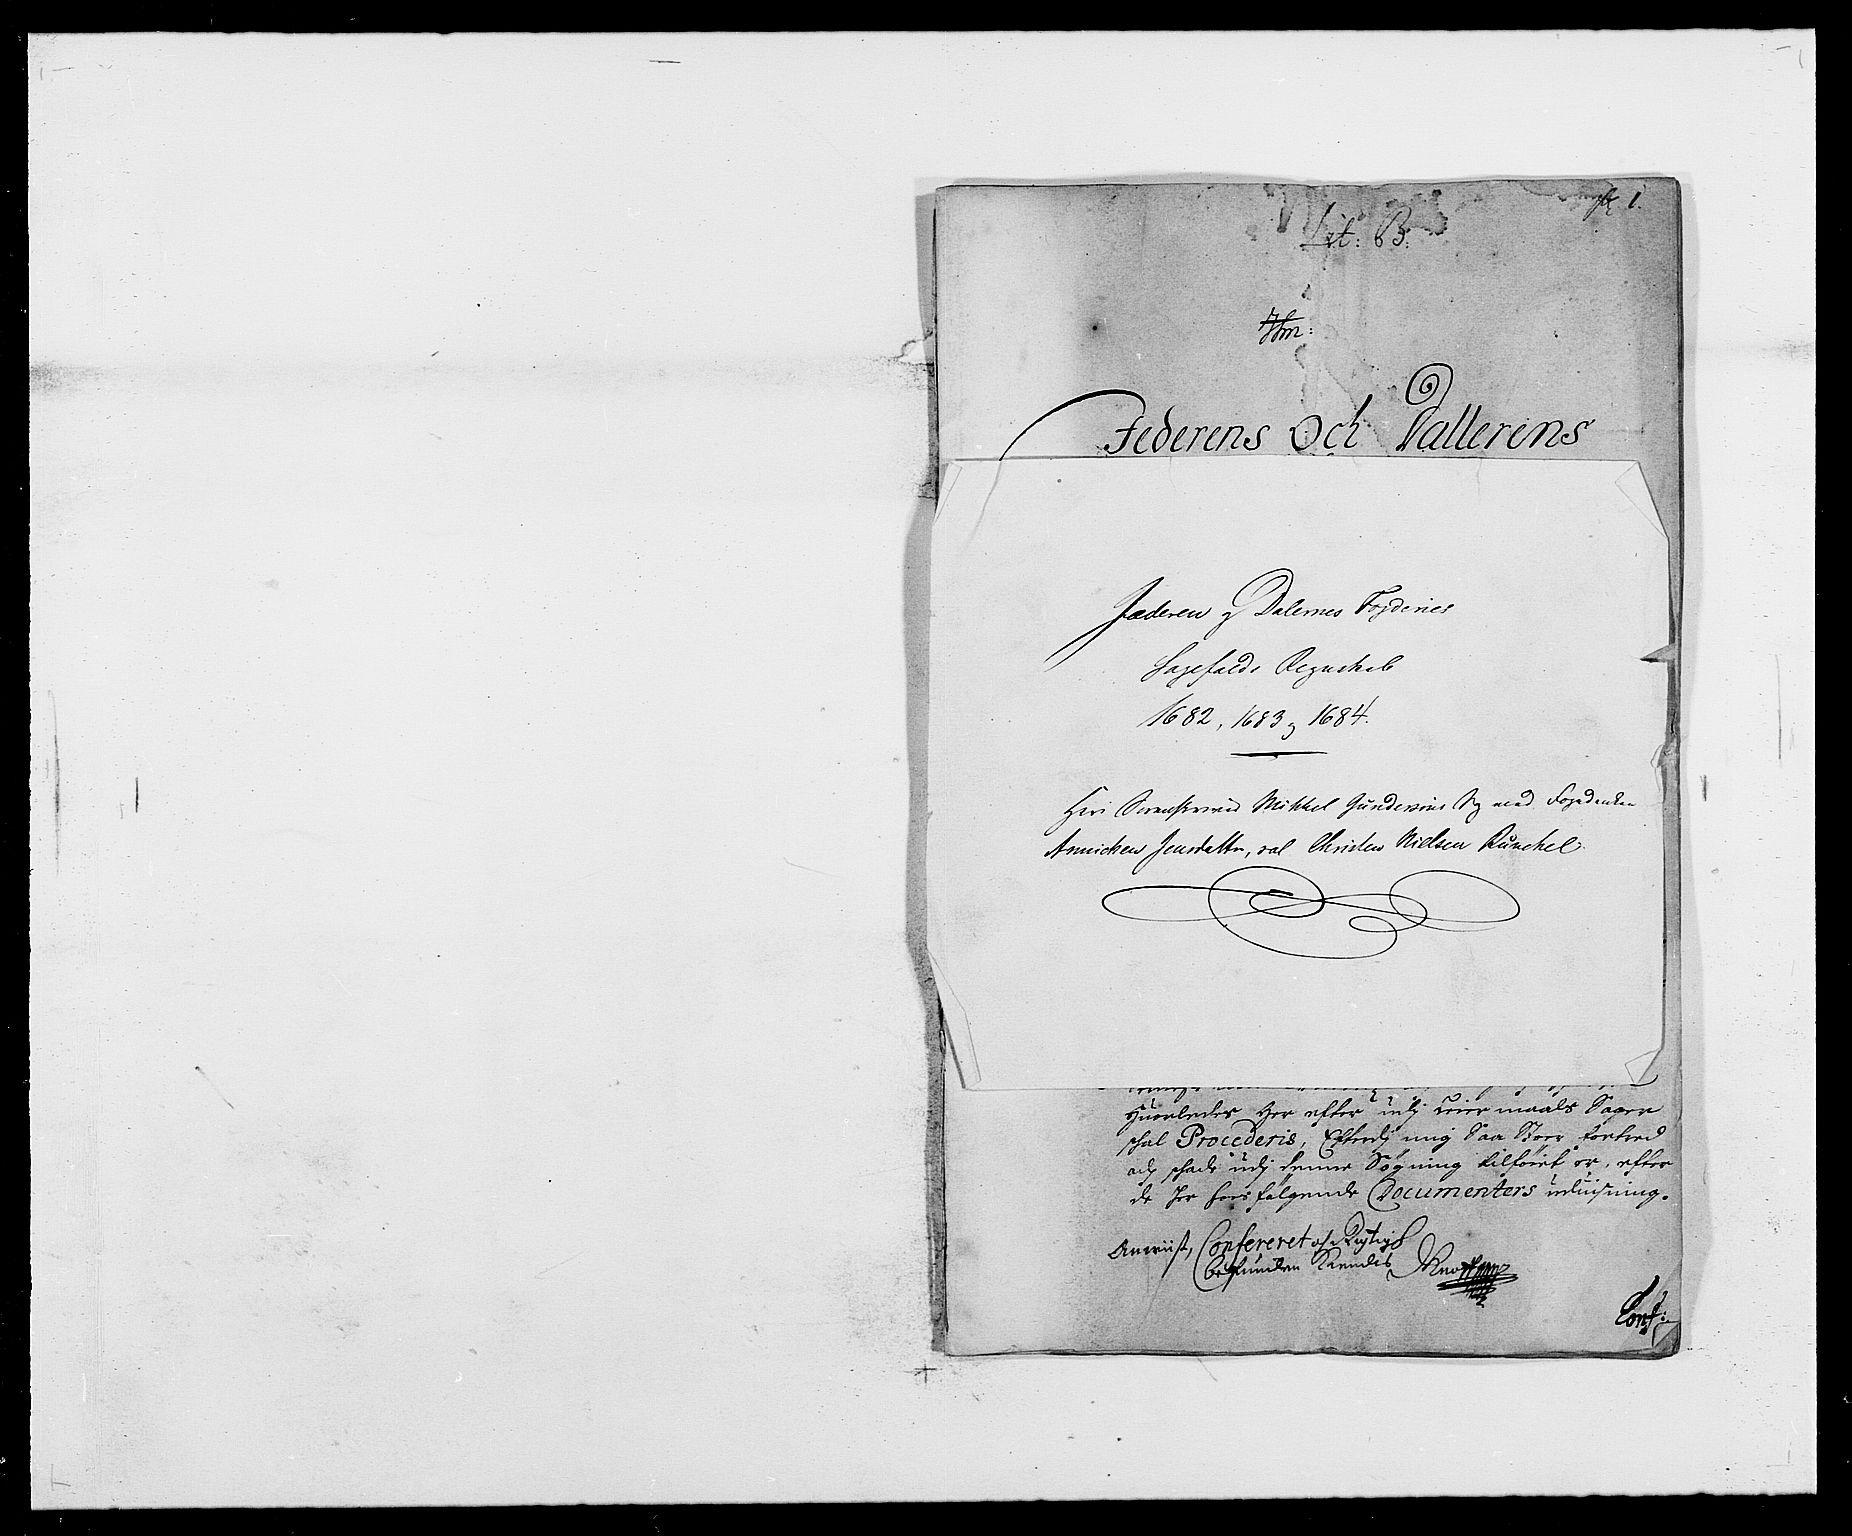 RA, Rentekammeret inntil 1814, Reviderte regnskaper, Fogderegnskap, R46/L2724: Fogderegnskap Jæren og Dalane, 1682-1684, s. 62